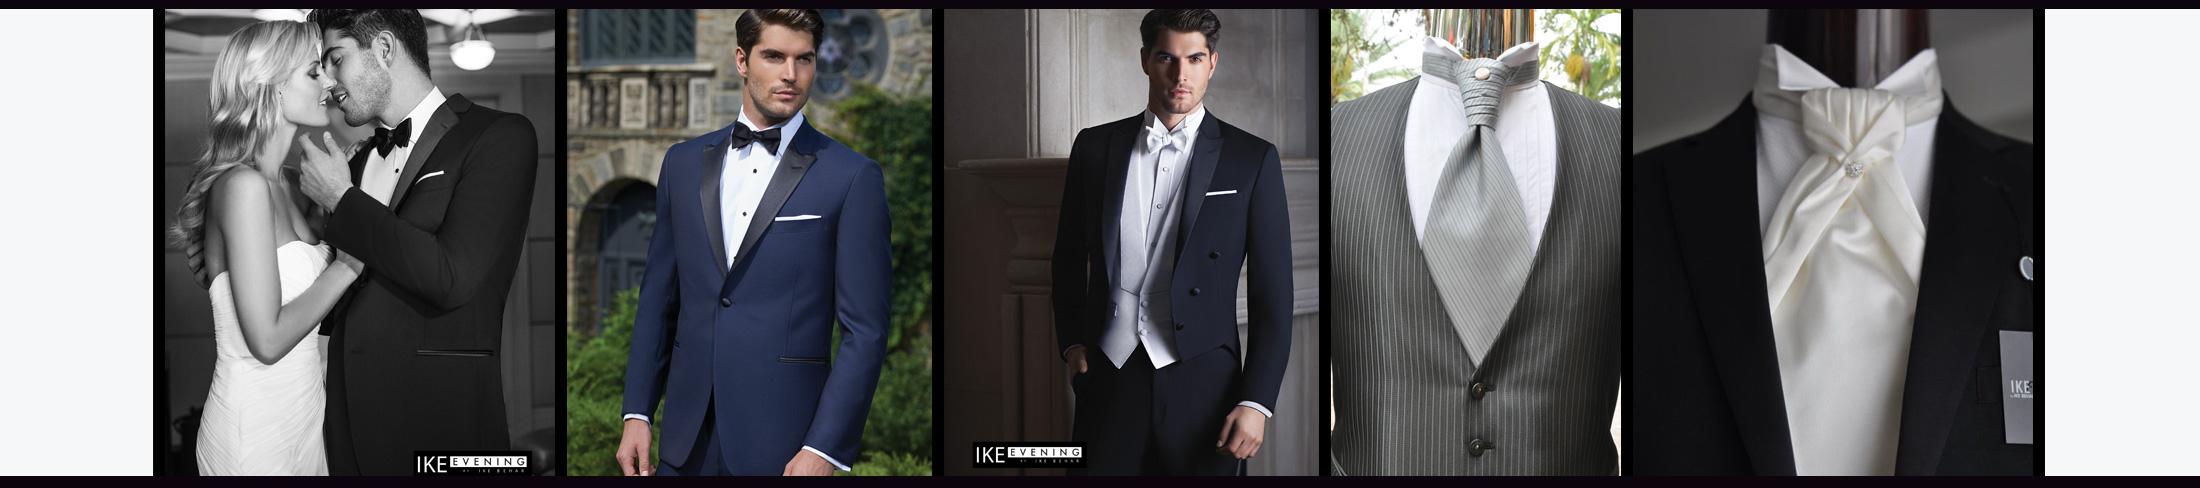 Miami Tuxedo Rental Wedding